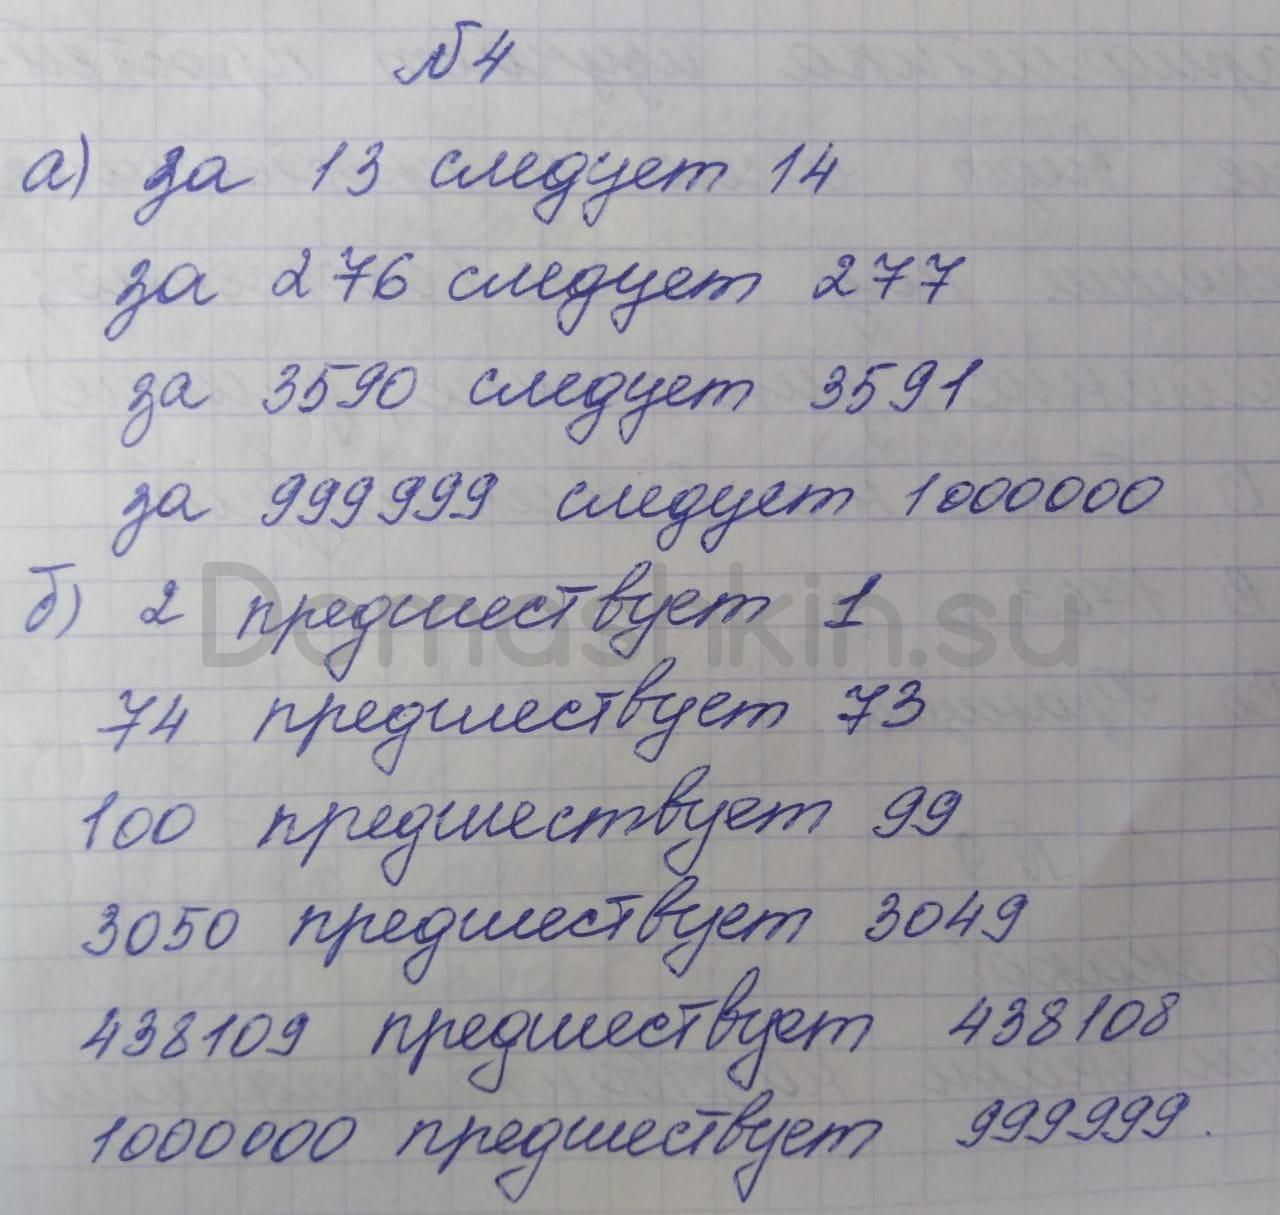 Математика 5 класс учебник Никольский номер 4 решение